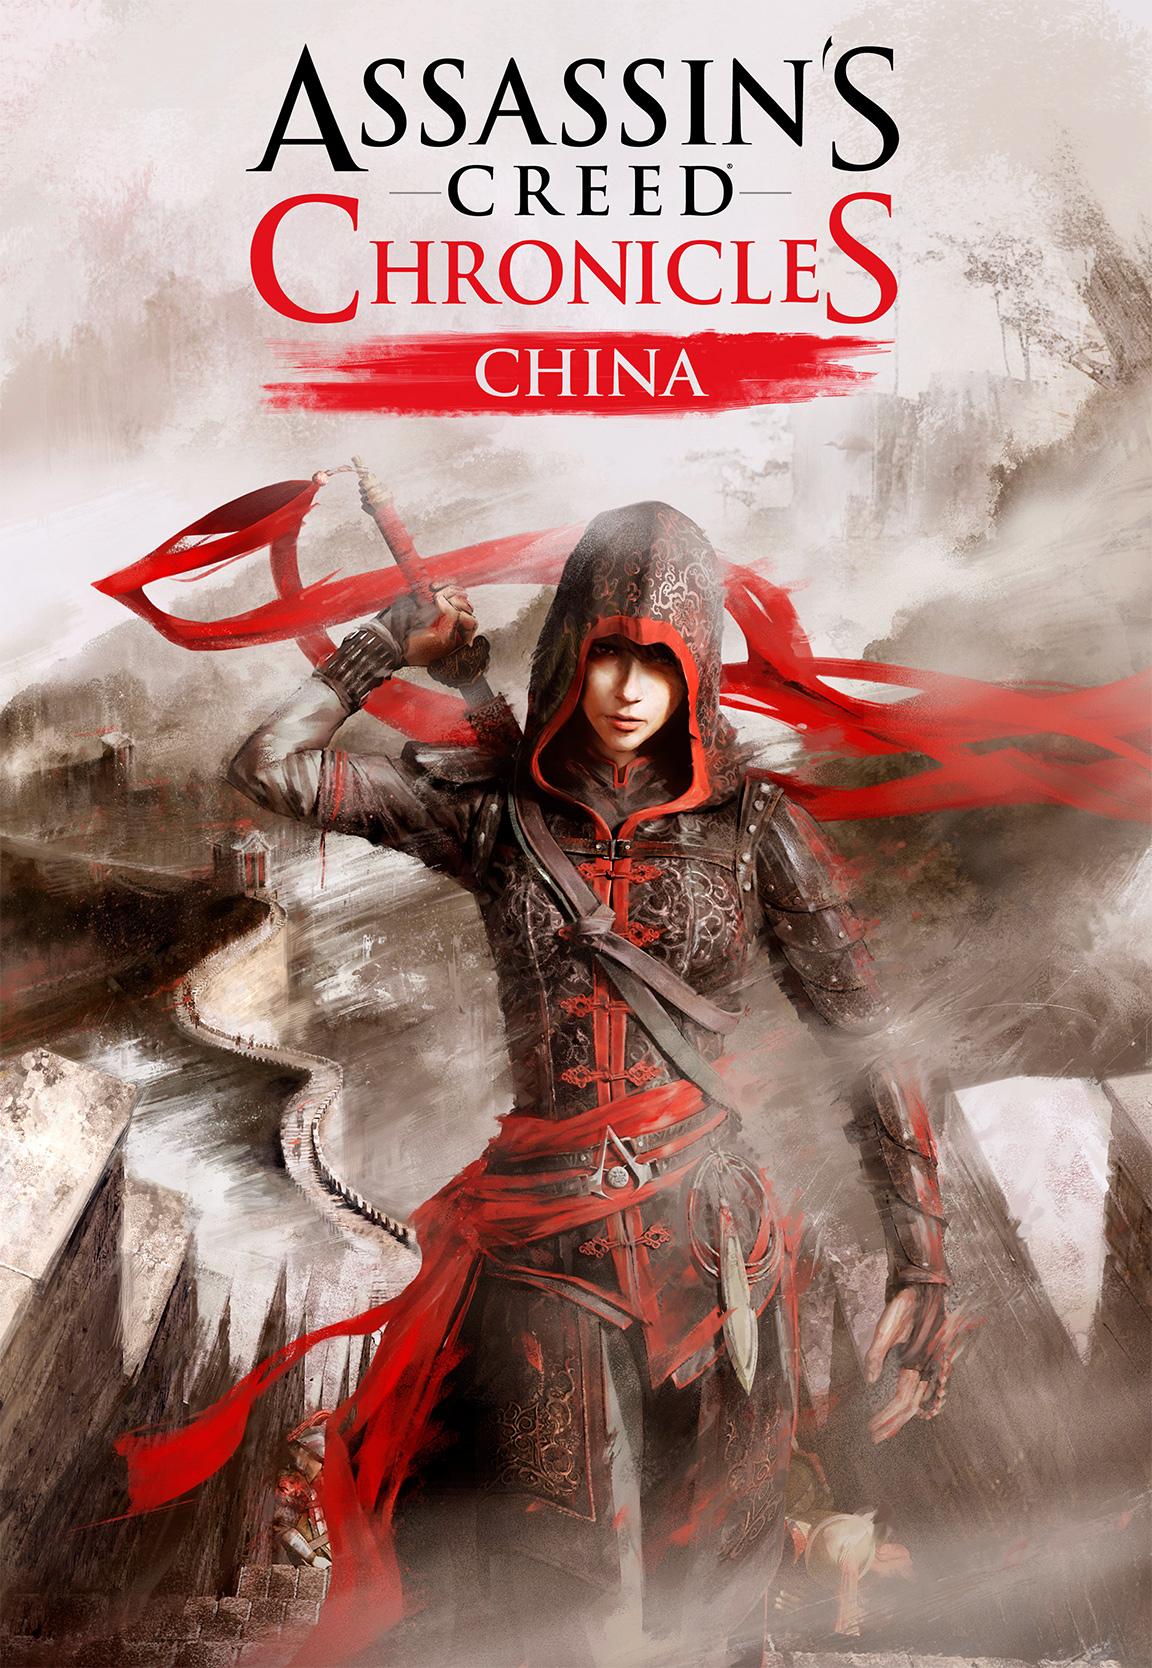 دانلود سیو کامل و 100% بازی Assassins Creed Chronicles China